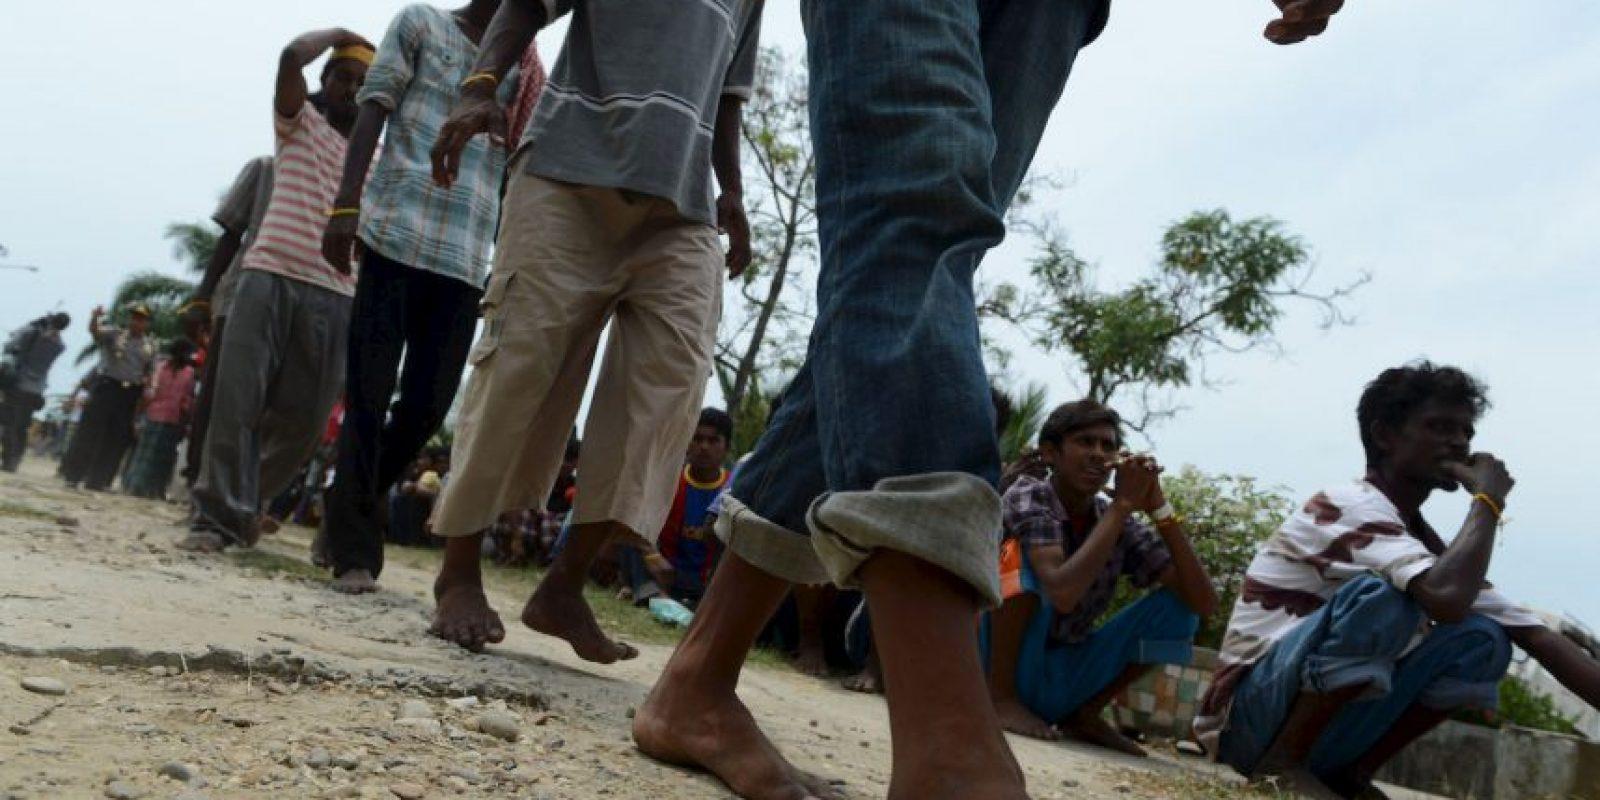 """De acuerdo a la Organización Internacional para las Migraciones (OIM), más de 12 millones de personas pasan por el corredor entre ambos países cada año. El Salvador, Guatemala, Honduras y México son algunos de los países de los inmigrantes que tratan de llegar de forma ilegal. De acuerdo al medio británico, las partes más peligrosas son los estados de Veracruz y Tamaulipas en México. También está """"La Bestia"""", un tren de carga en el que los inmigrantes viajan como polizones. También están los que tratan de llegar a Estados Unidos por el desierto de Arizona. Foto:AFP"""